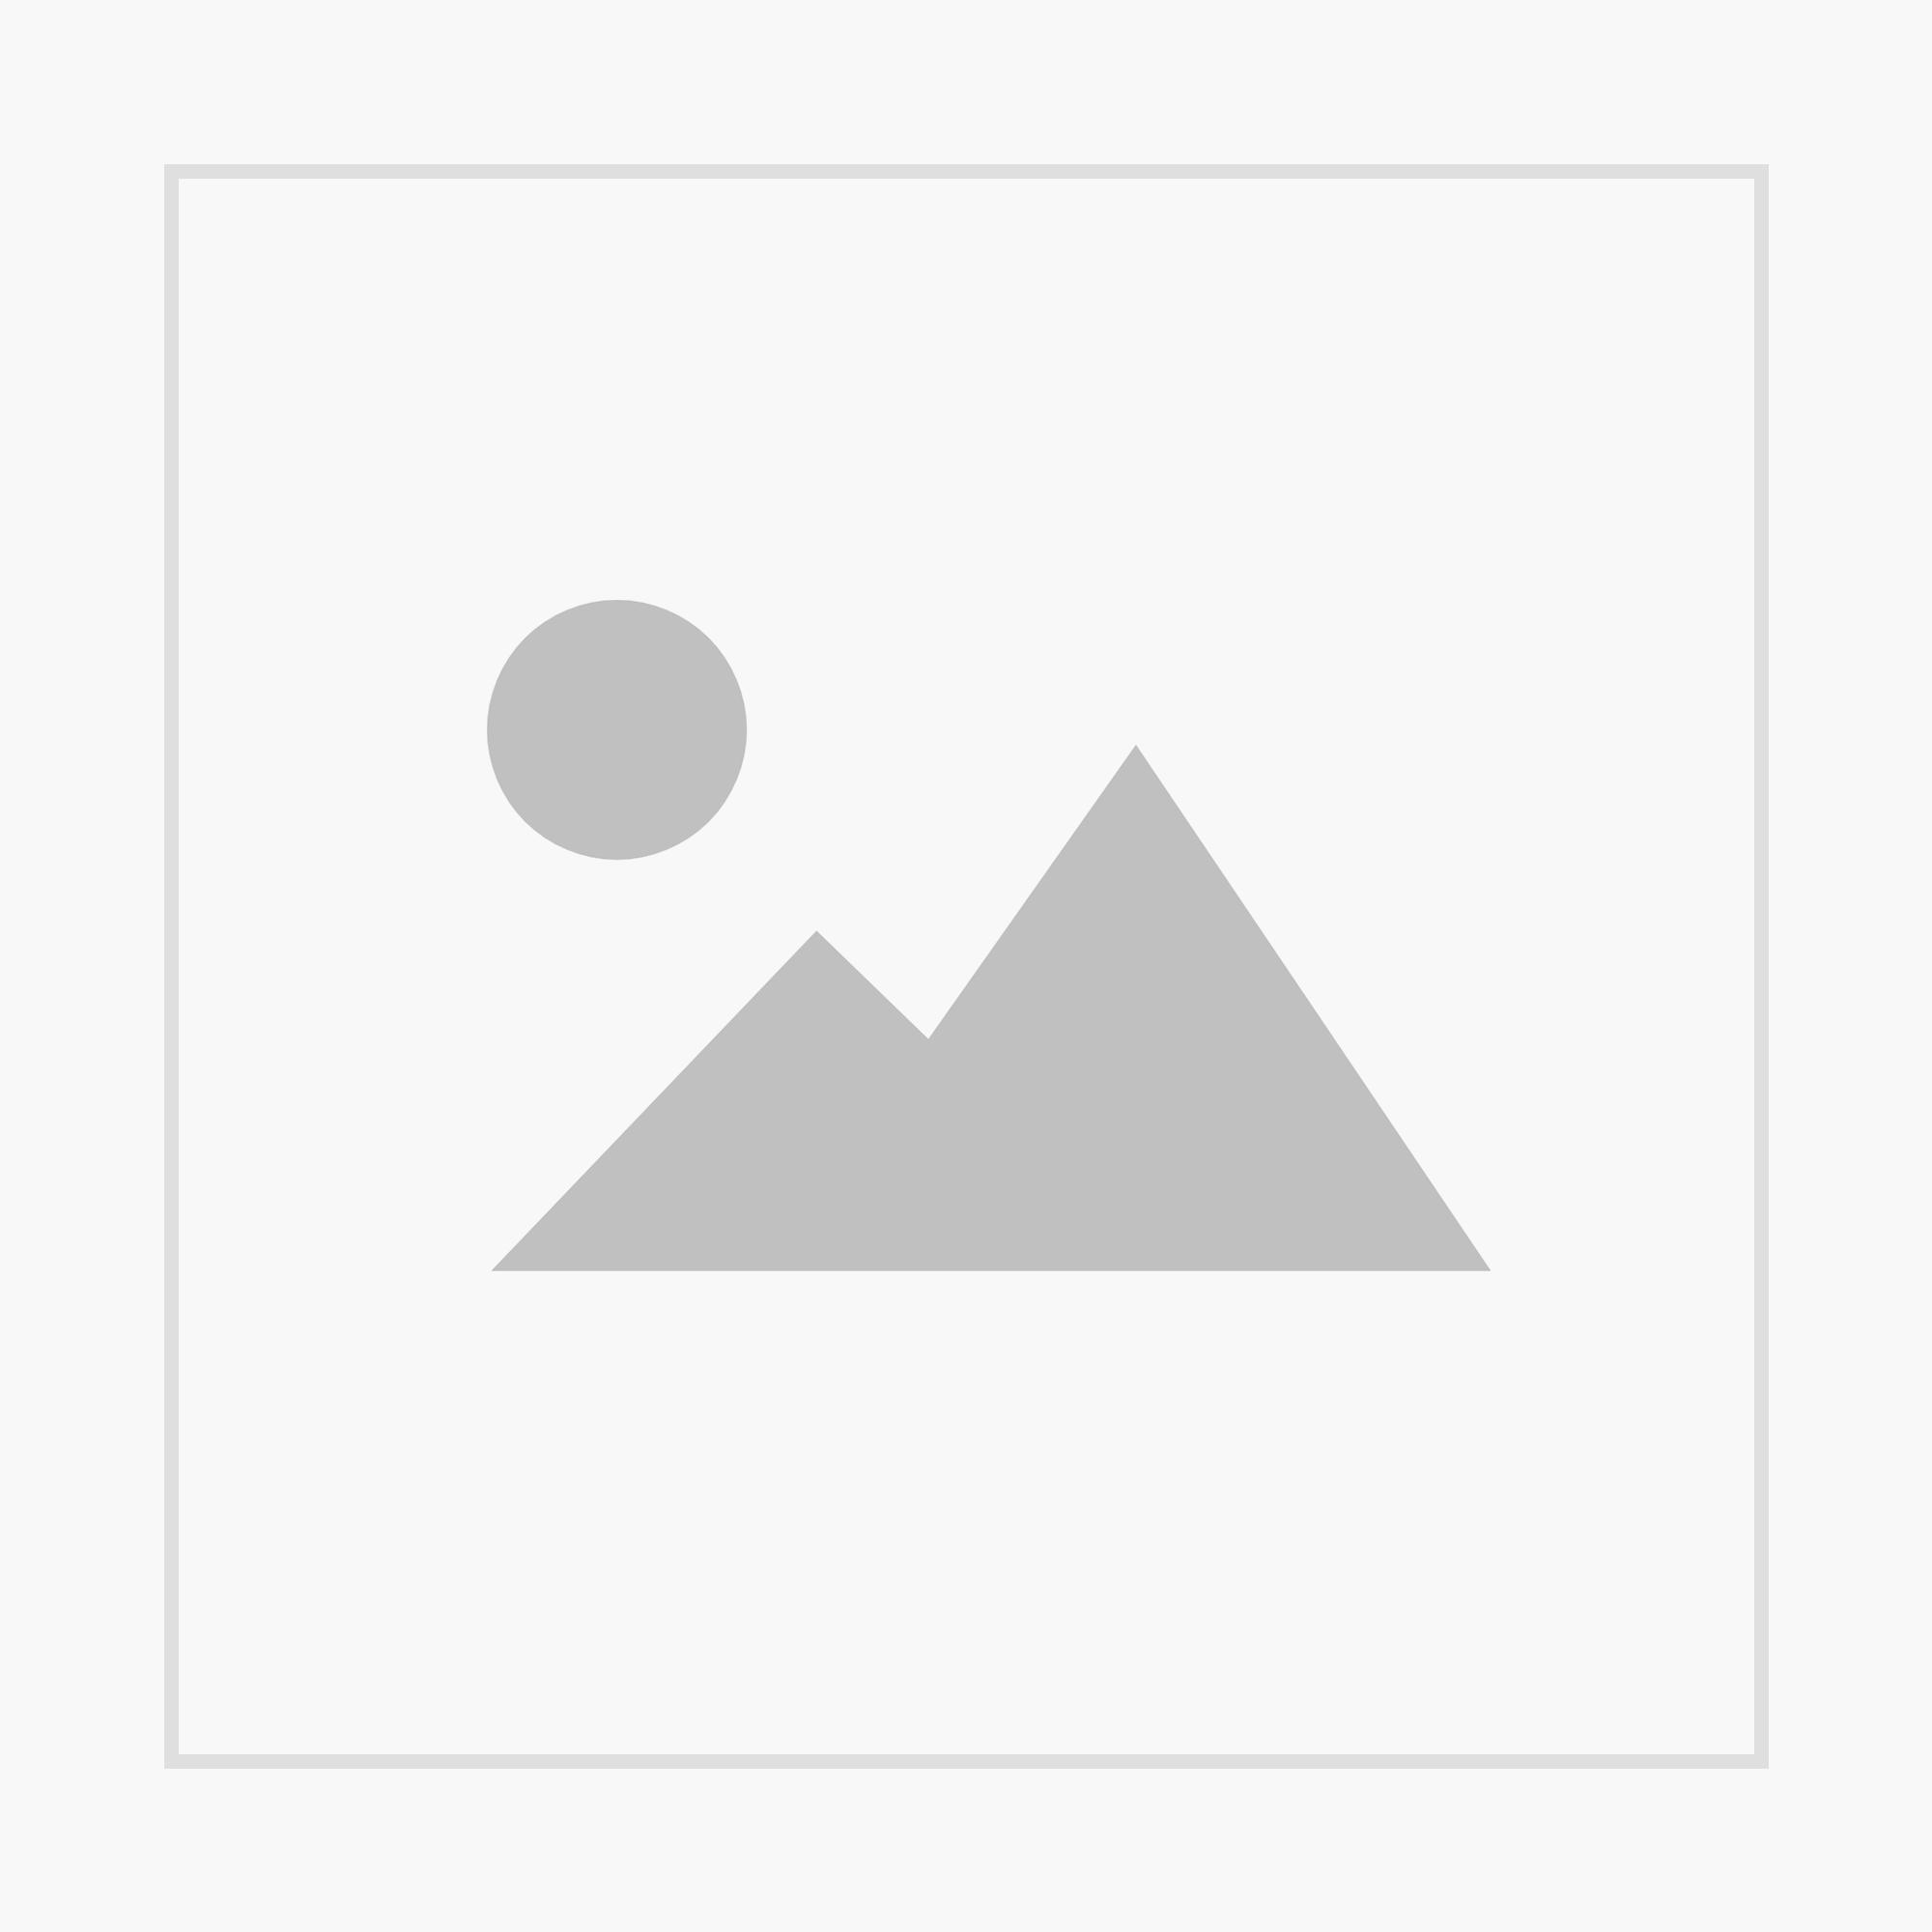 NaBiV Heft 30: Dynamik und Struktur von Amphibienpopulationen in der Zivilisationslandschaft.